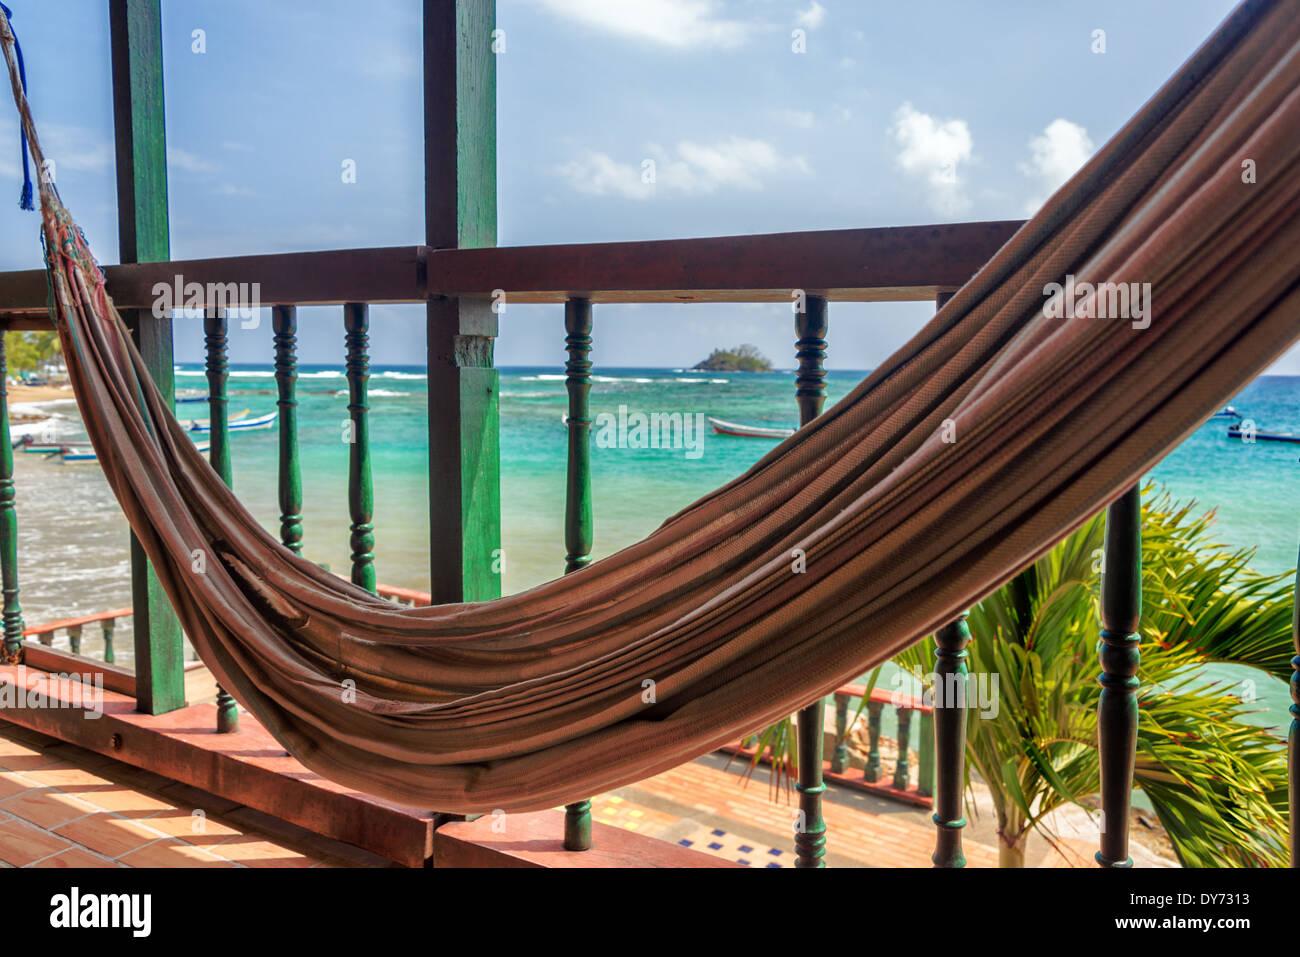 Wunderbar Balkon Hängematte Ideen Von Hängematte Auf Dem Mit Blick Auf Das